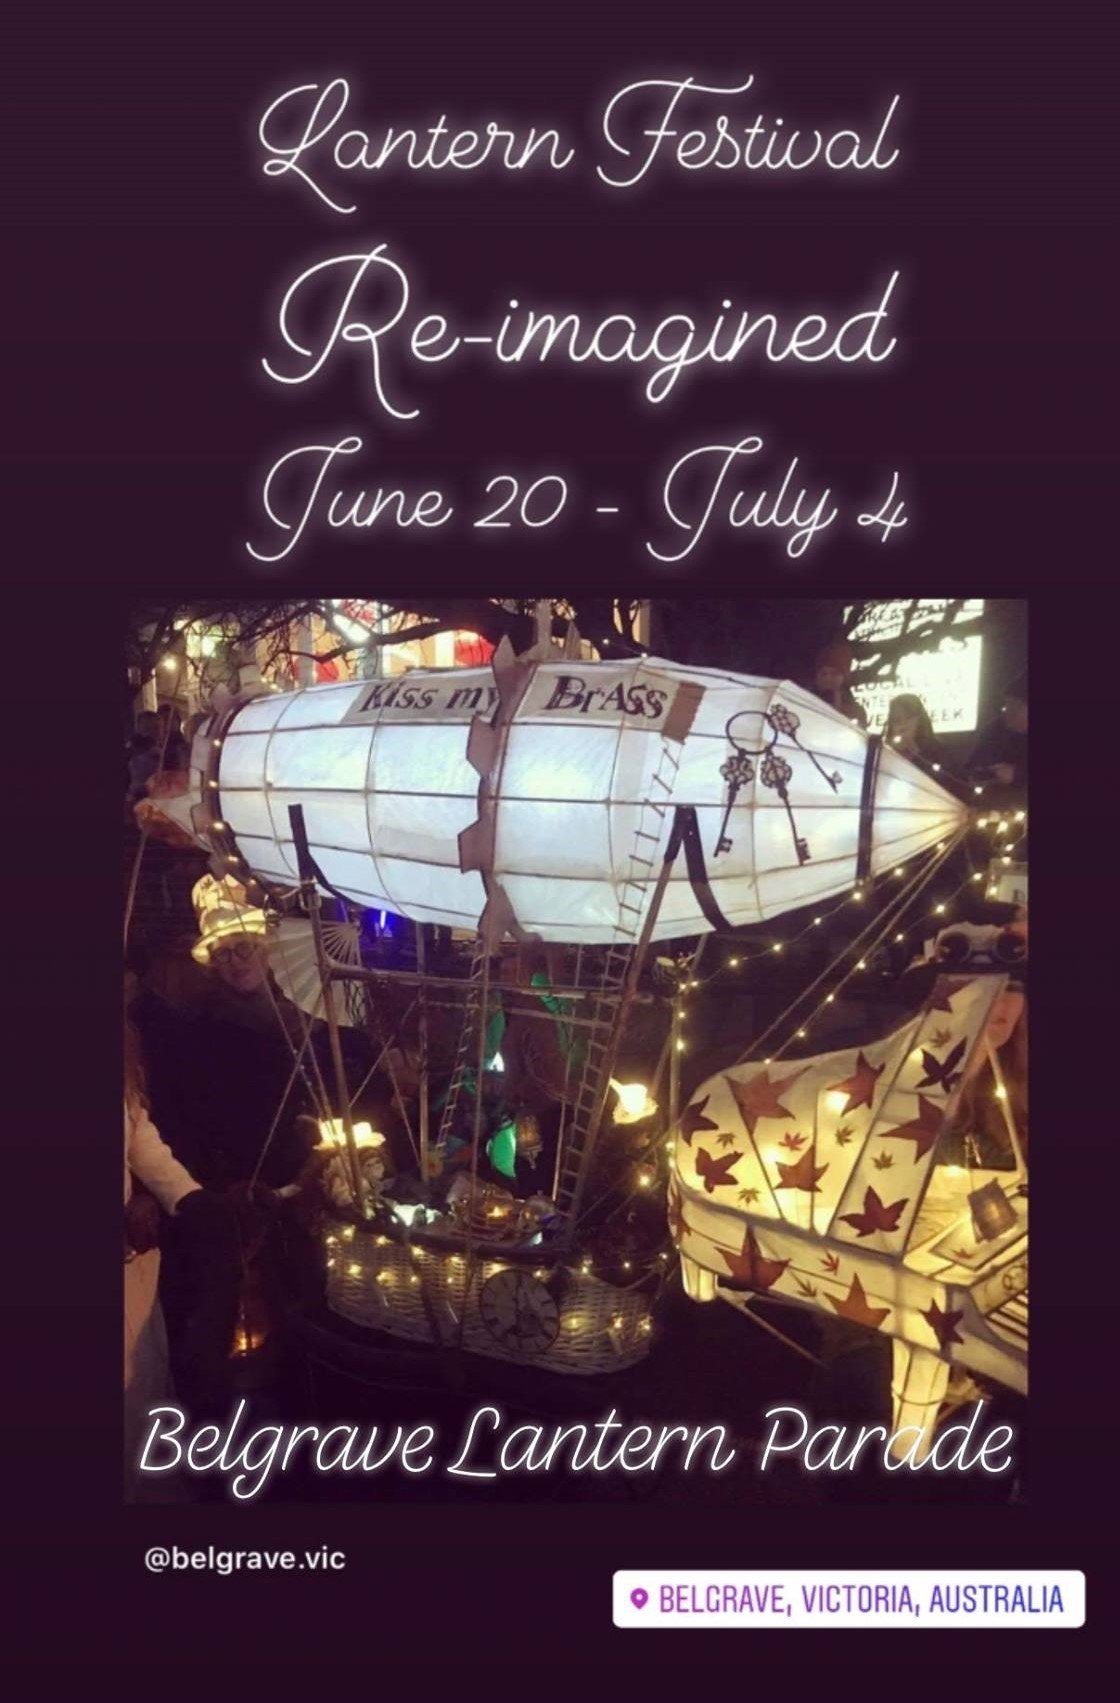 Lantern festival reimagined